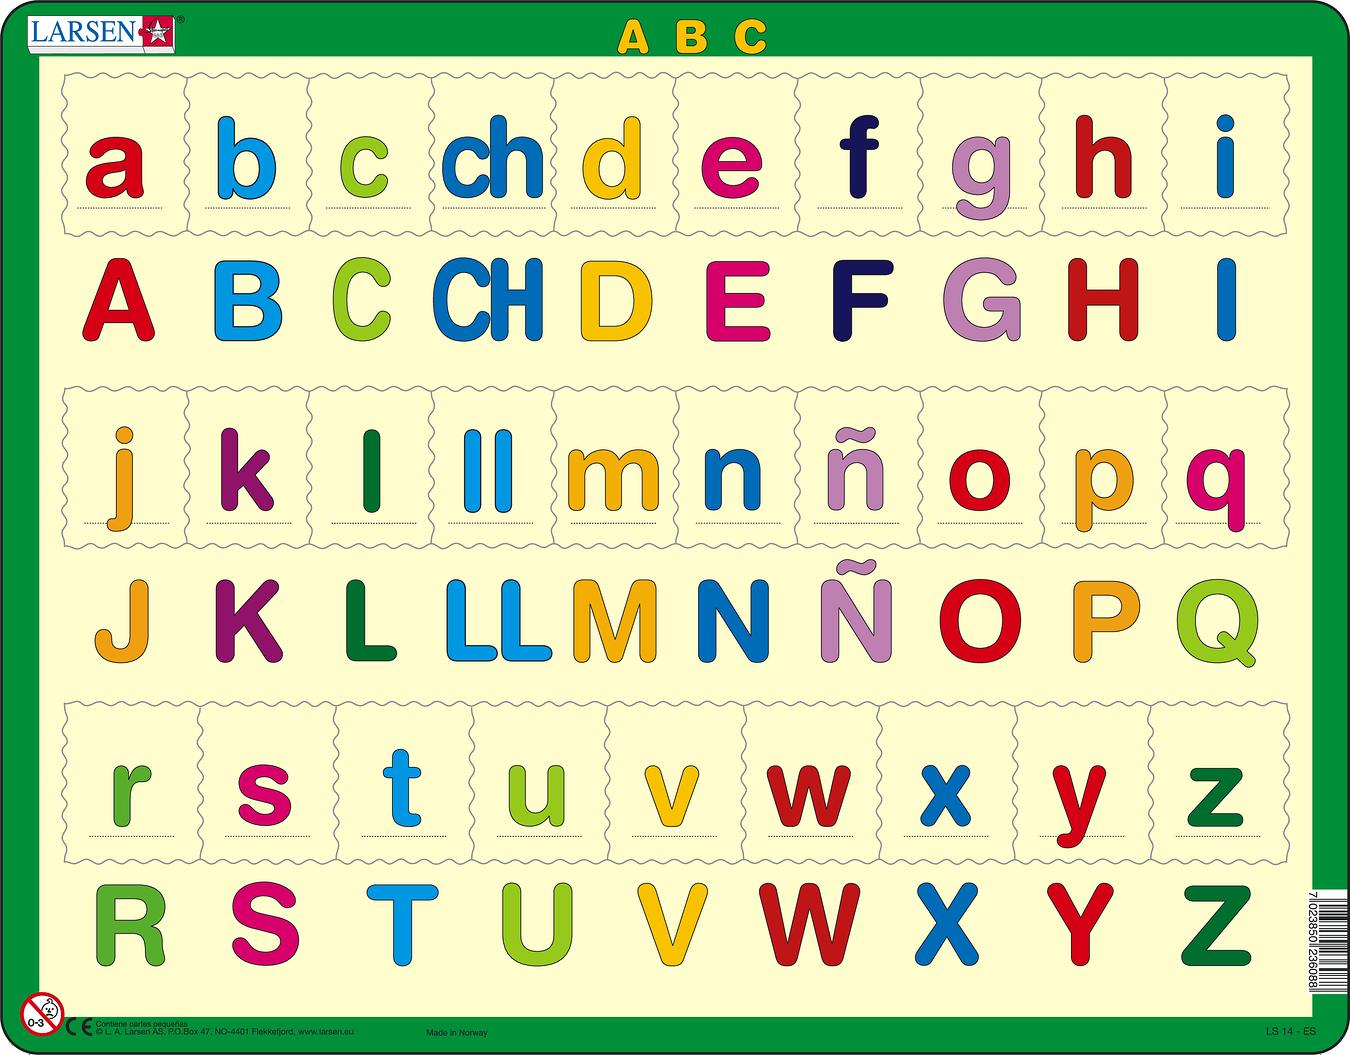 LS1429 - ABC-abc :: Reading :: Puzzles :: Larsen Puzzles